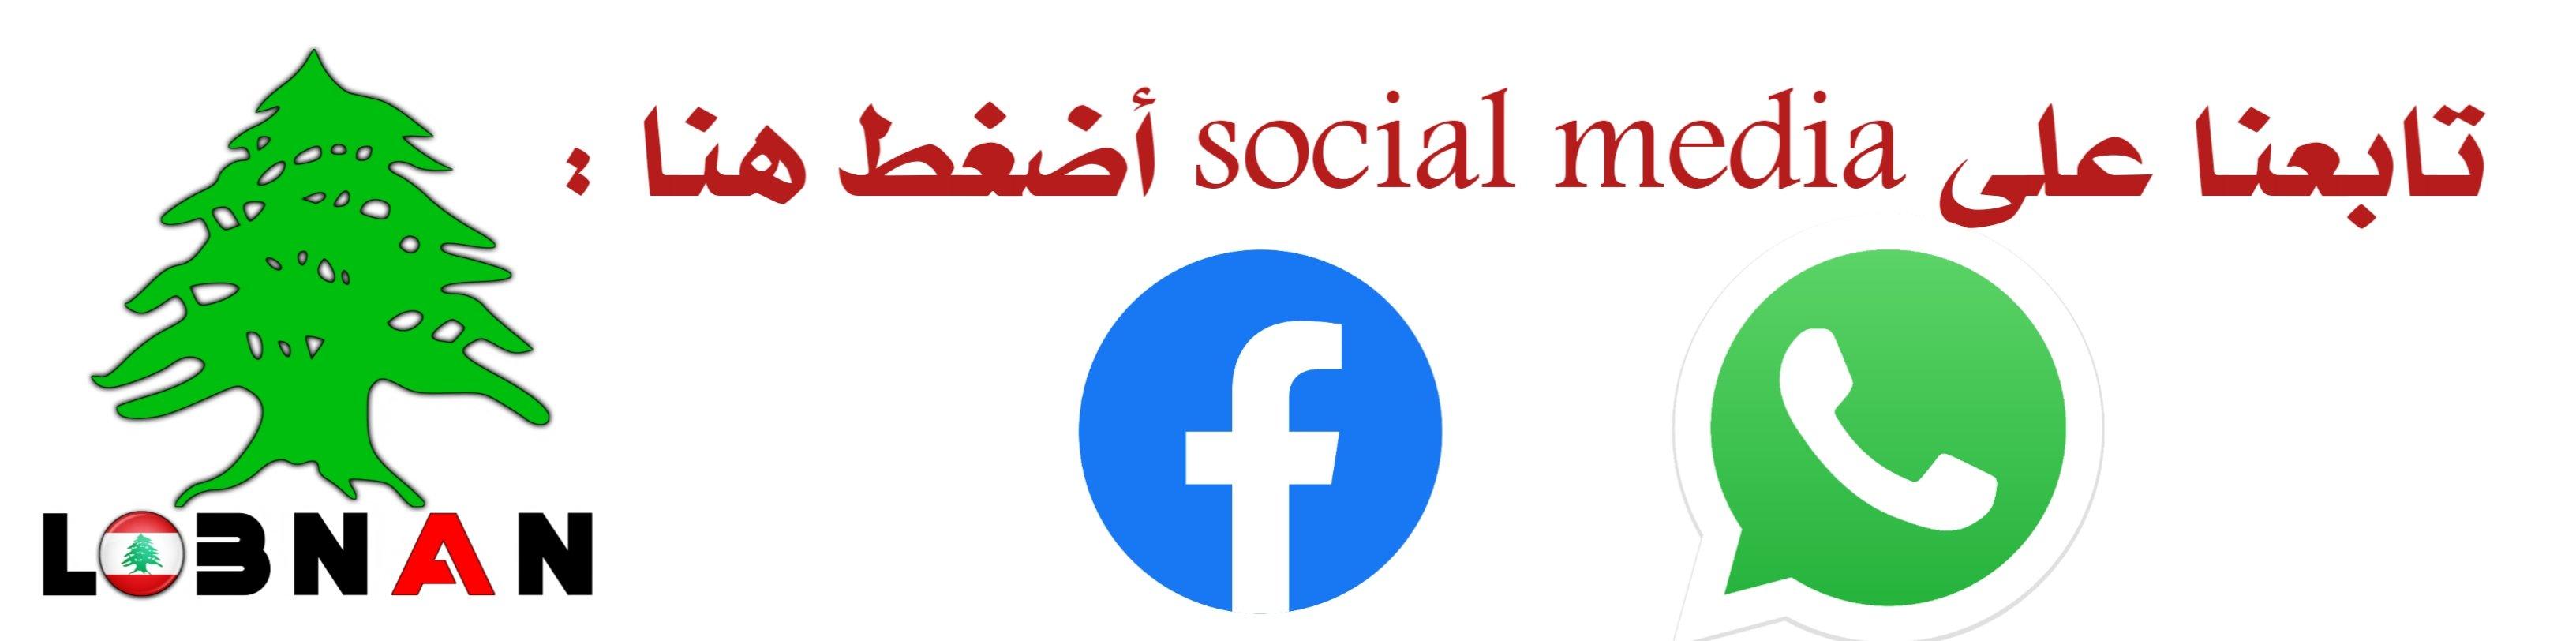 Social media LOBNAN.NET